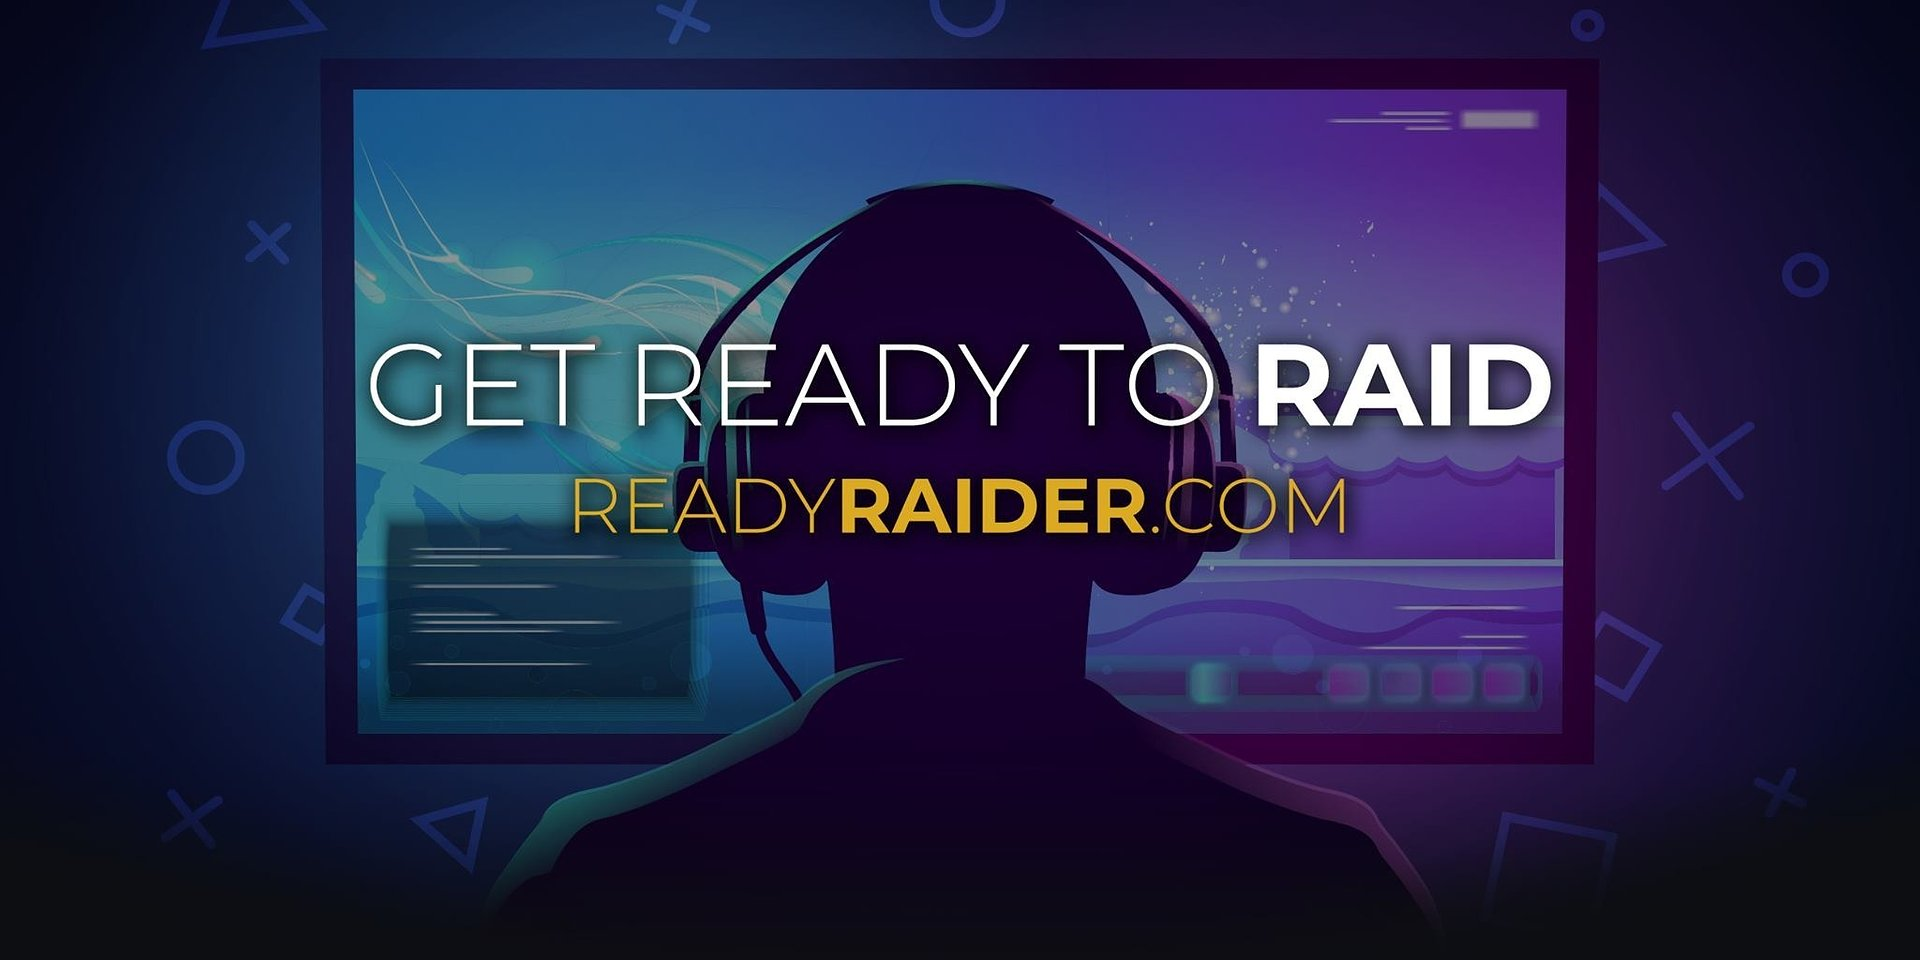 La plataforma de eSports ReadyRaider forma alianza con Dash como forma exclusiva de pago